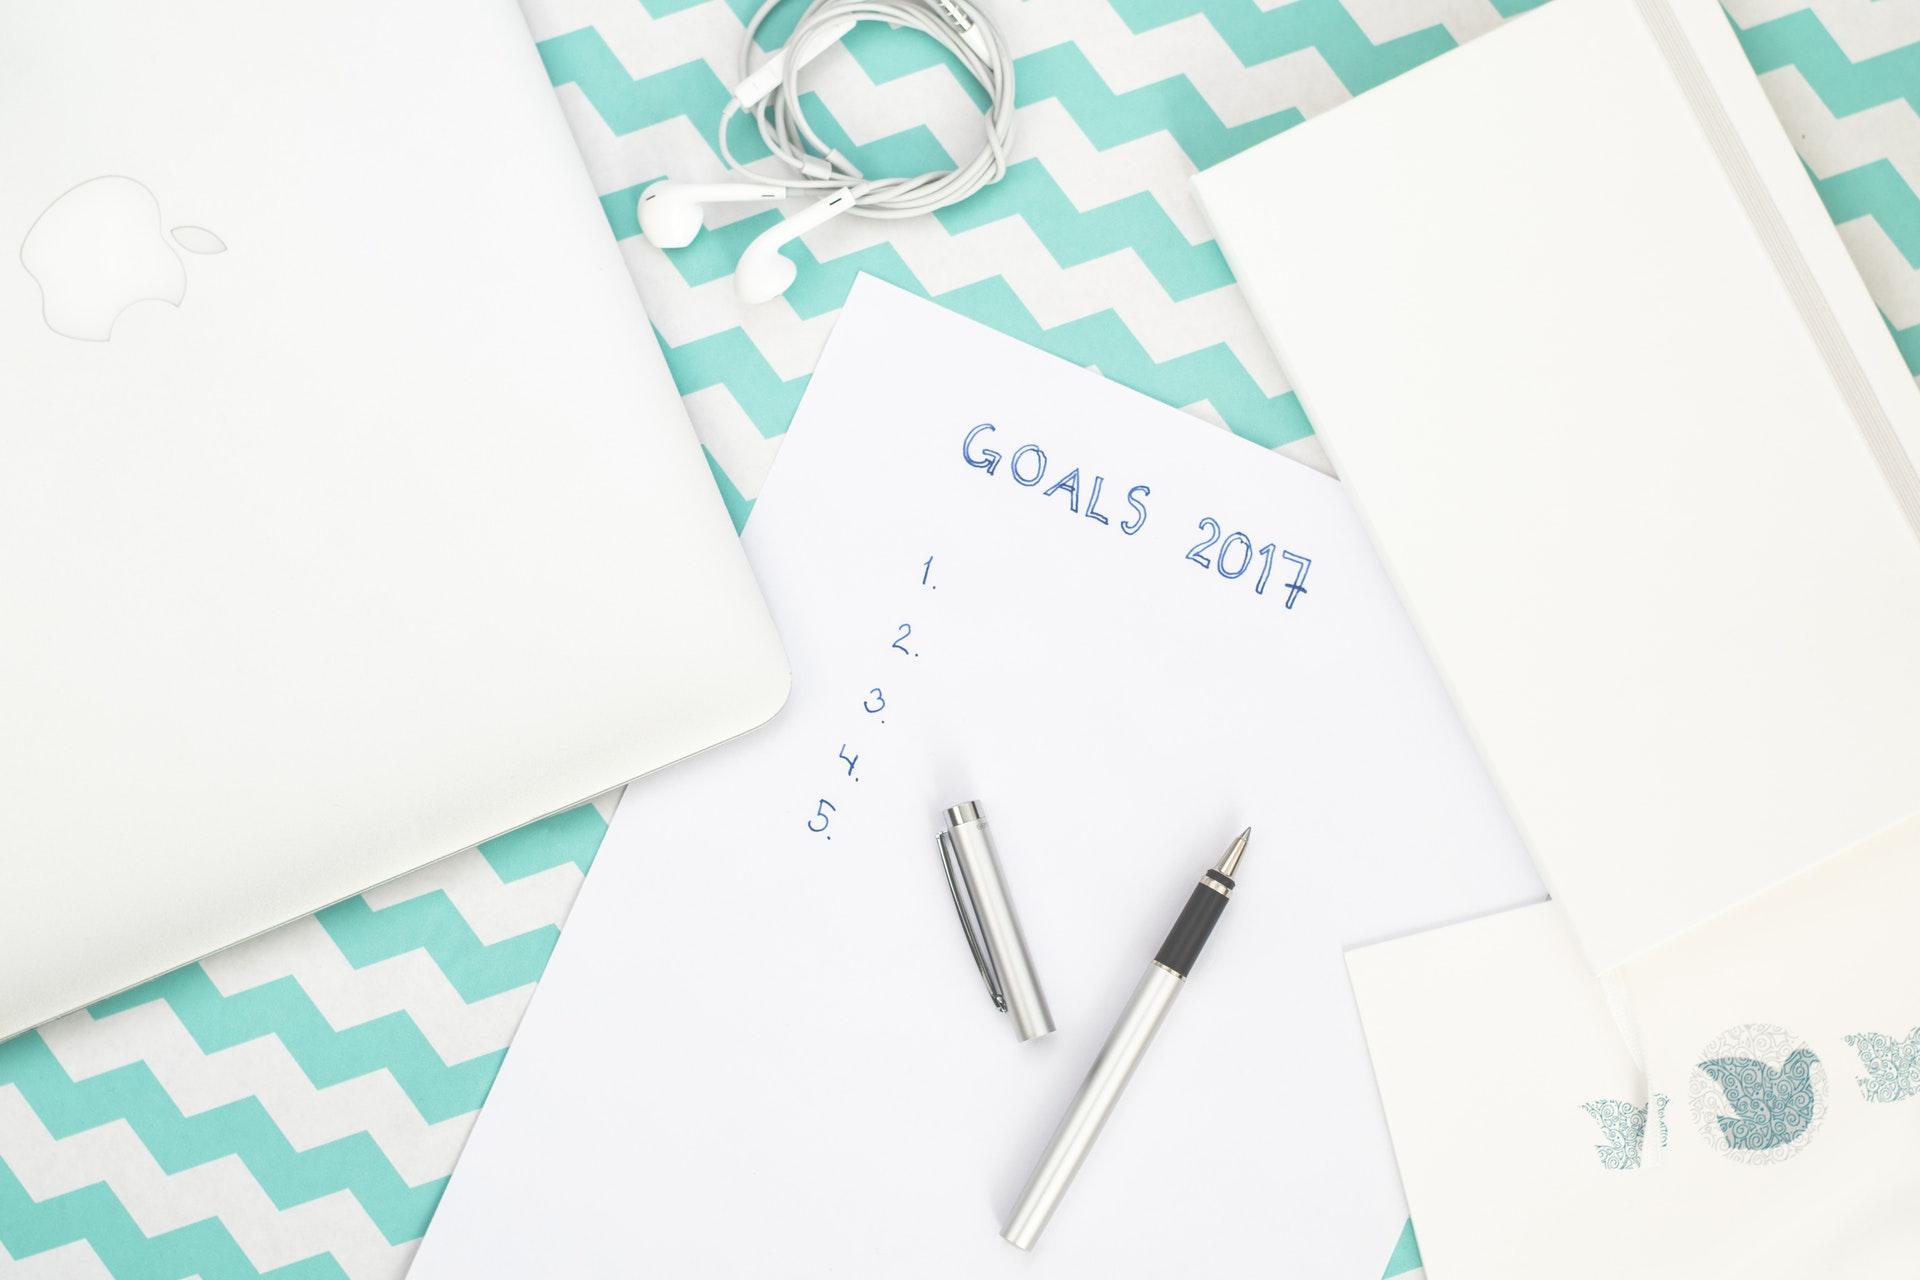 Make Your Social Media Goals SMART | Laser Red. Digital Marketing Agency